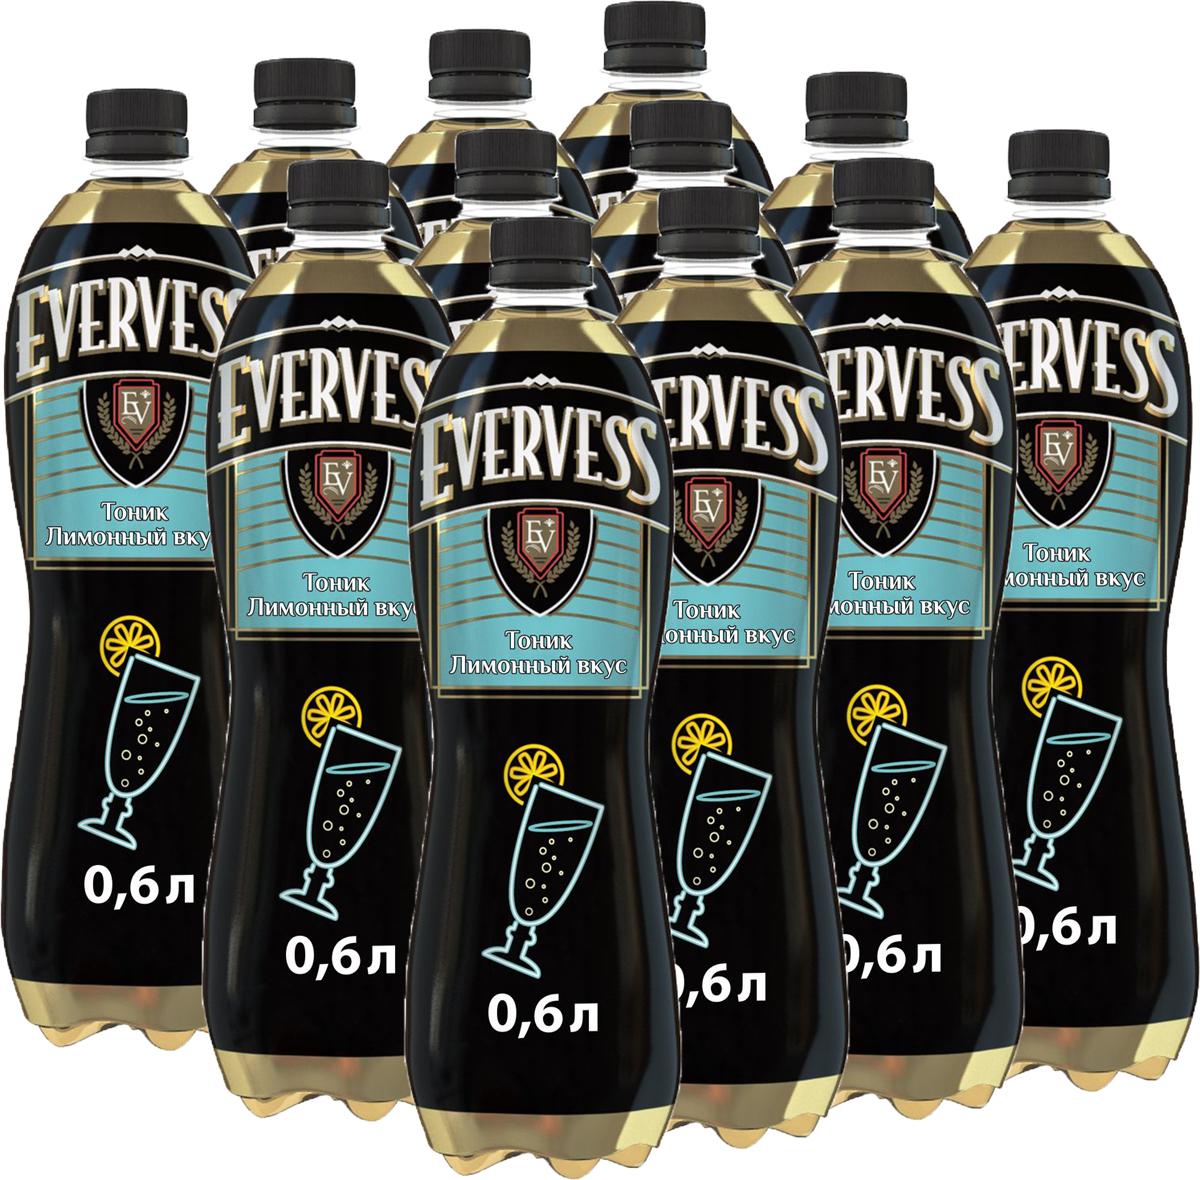 Evervess Тоник напиток сильногазированный, 12 штук по 0,6 л340006970_блокиИзвестные на весь мир тоники. Идеально подходят для приготовления коктейлей.О бренде:Известный на весь мир бренд тоников Evervess. Тоники обладают освежающим вкусом с характерной горчинкой, идеально подходящим для приготовления коктейлей.